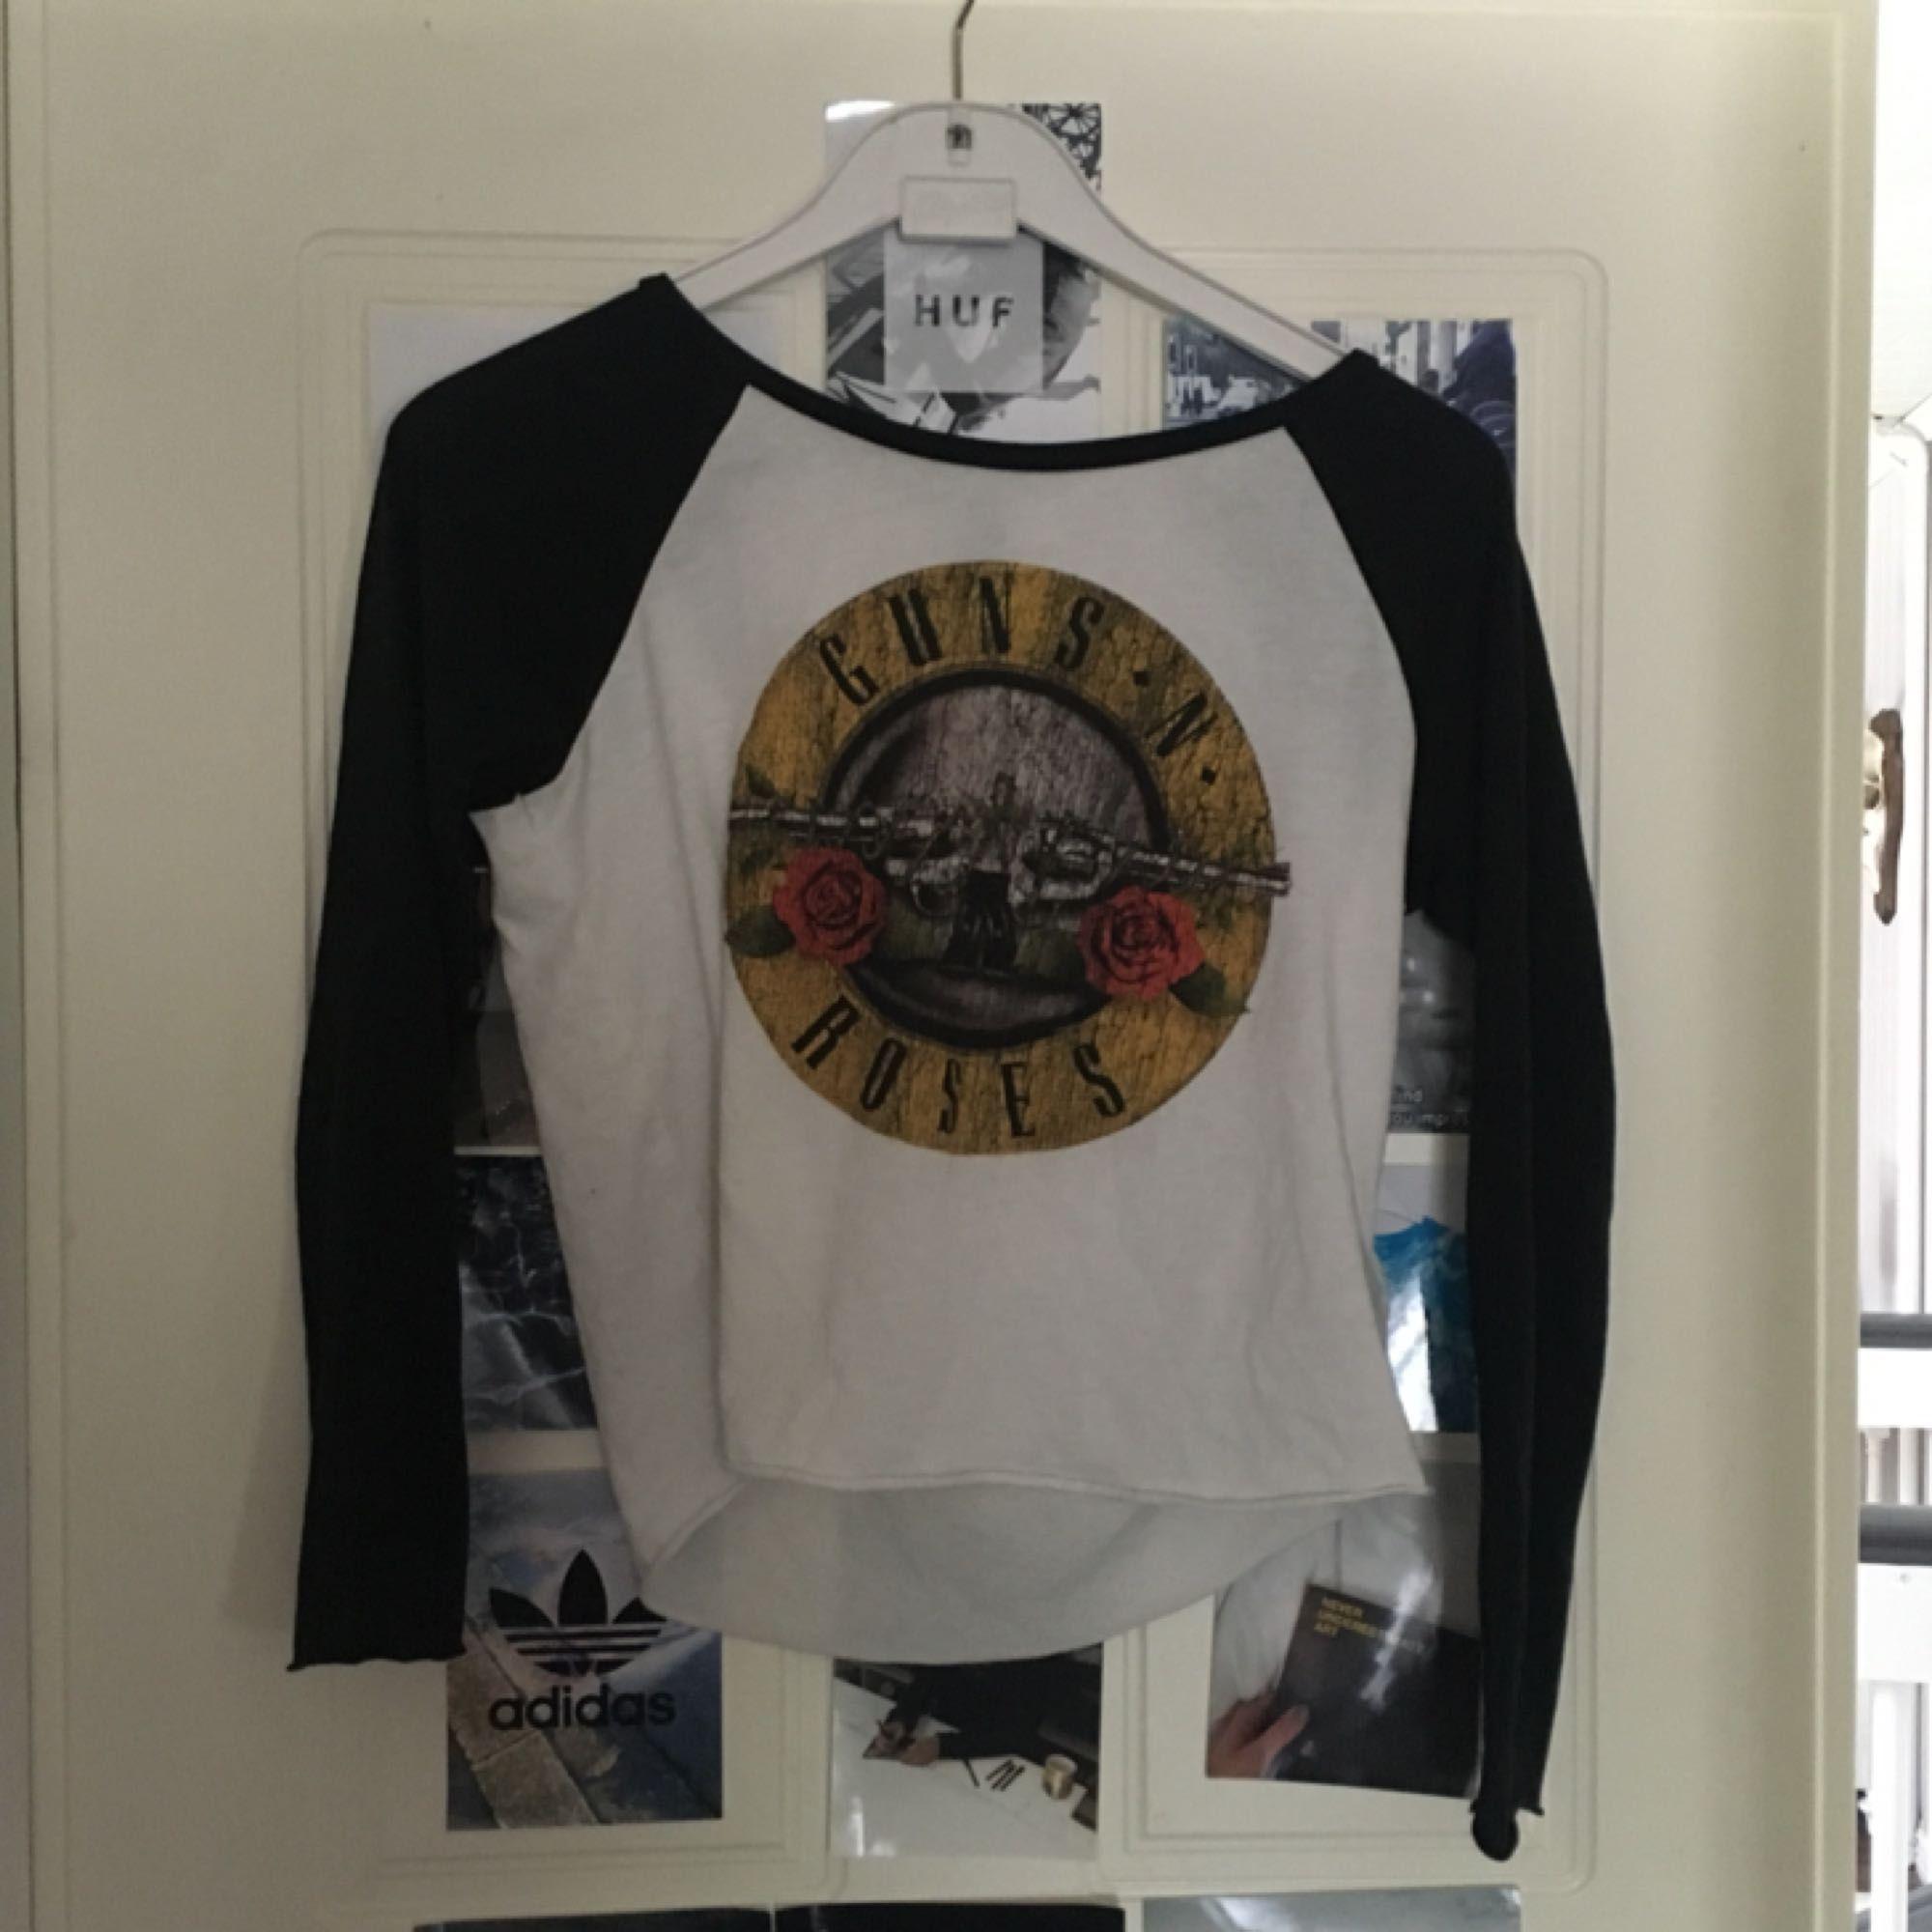 Guns & roses-tröja i fint skick Köpare står för frakt. Toppar.